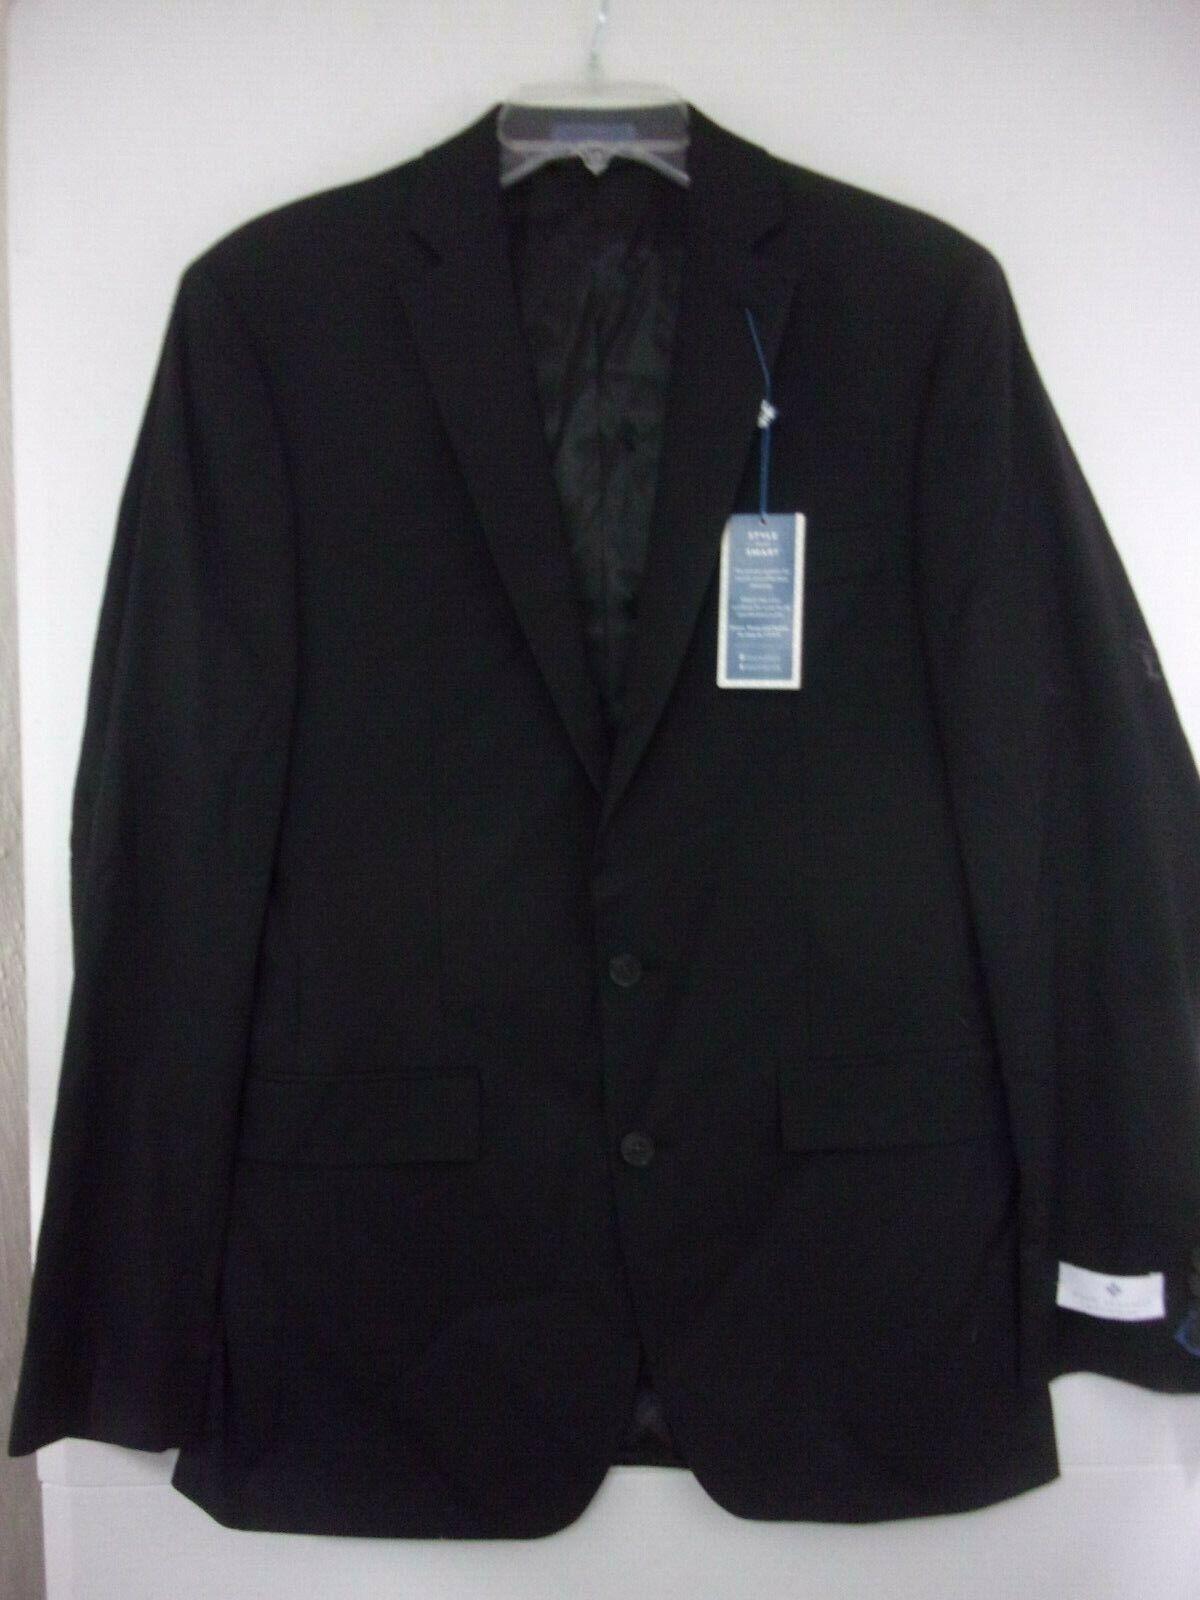 425 Ryan Seacrest 38 long homme noir modern fit Veste Sport Manteau Neuf avec étiquettes